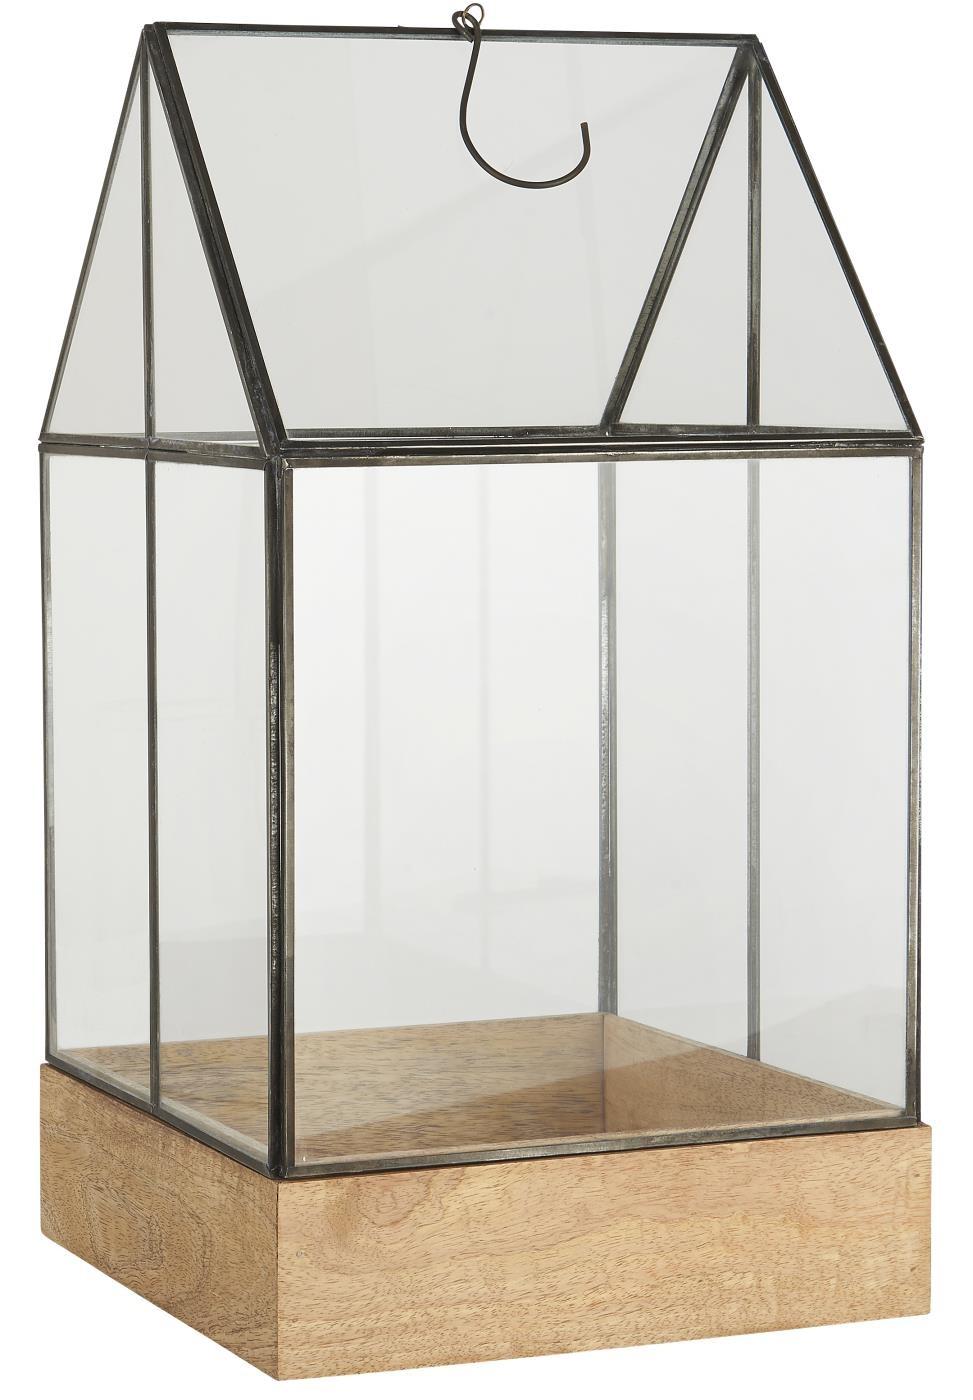 mini serre d interieur verre metal noir bois ib laursen kdesign